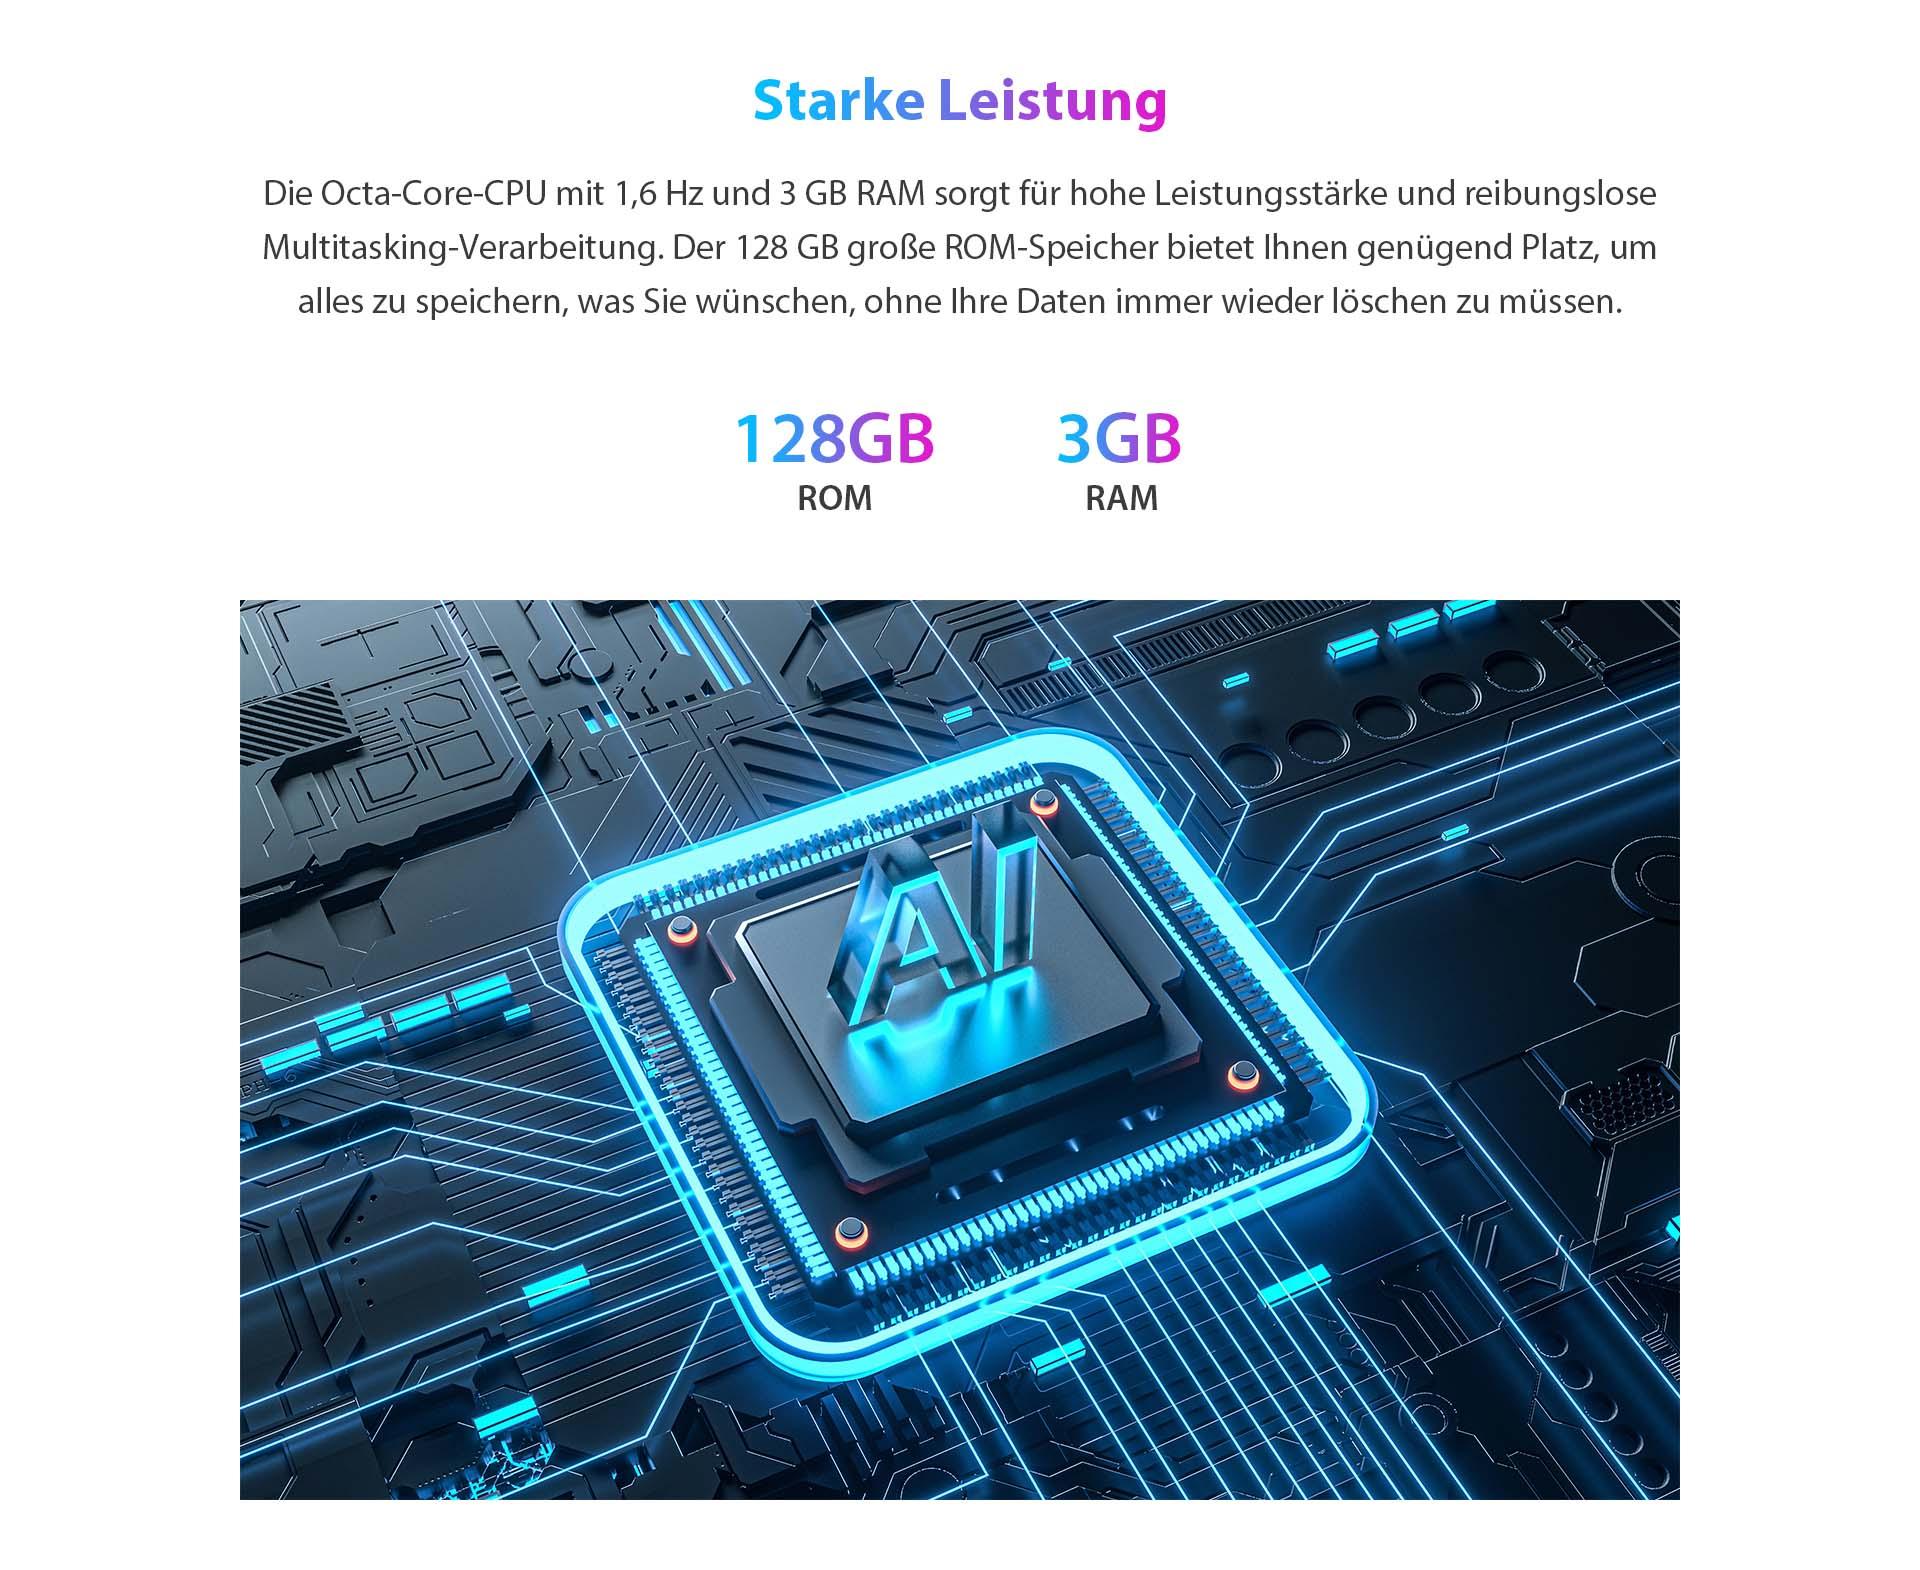 ZTE V30 Vita mit starker Leistung - Die Octa-Core-CPU mit 1,6 GHz und 3GB RAM sorgt für hohe Leistungsstärke und reibungslose Multitasking-Verarbeitung. Der 128 GB große ROM-Speicher bietet Ihnen genügend Platz, um alles zu speichern, was Sie wünschen, ohne Ihre Daten immer wieder löschen zu müssen.